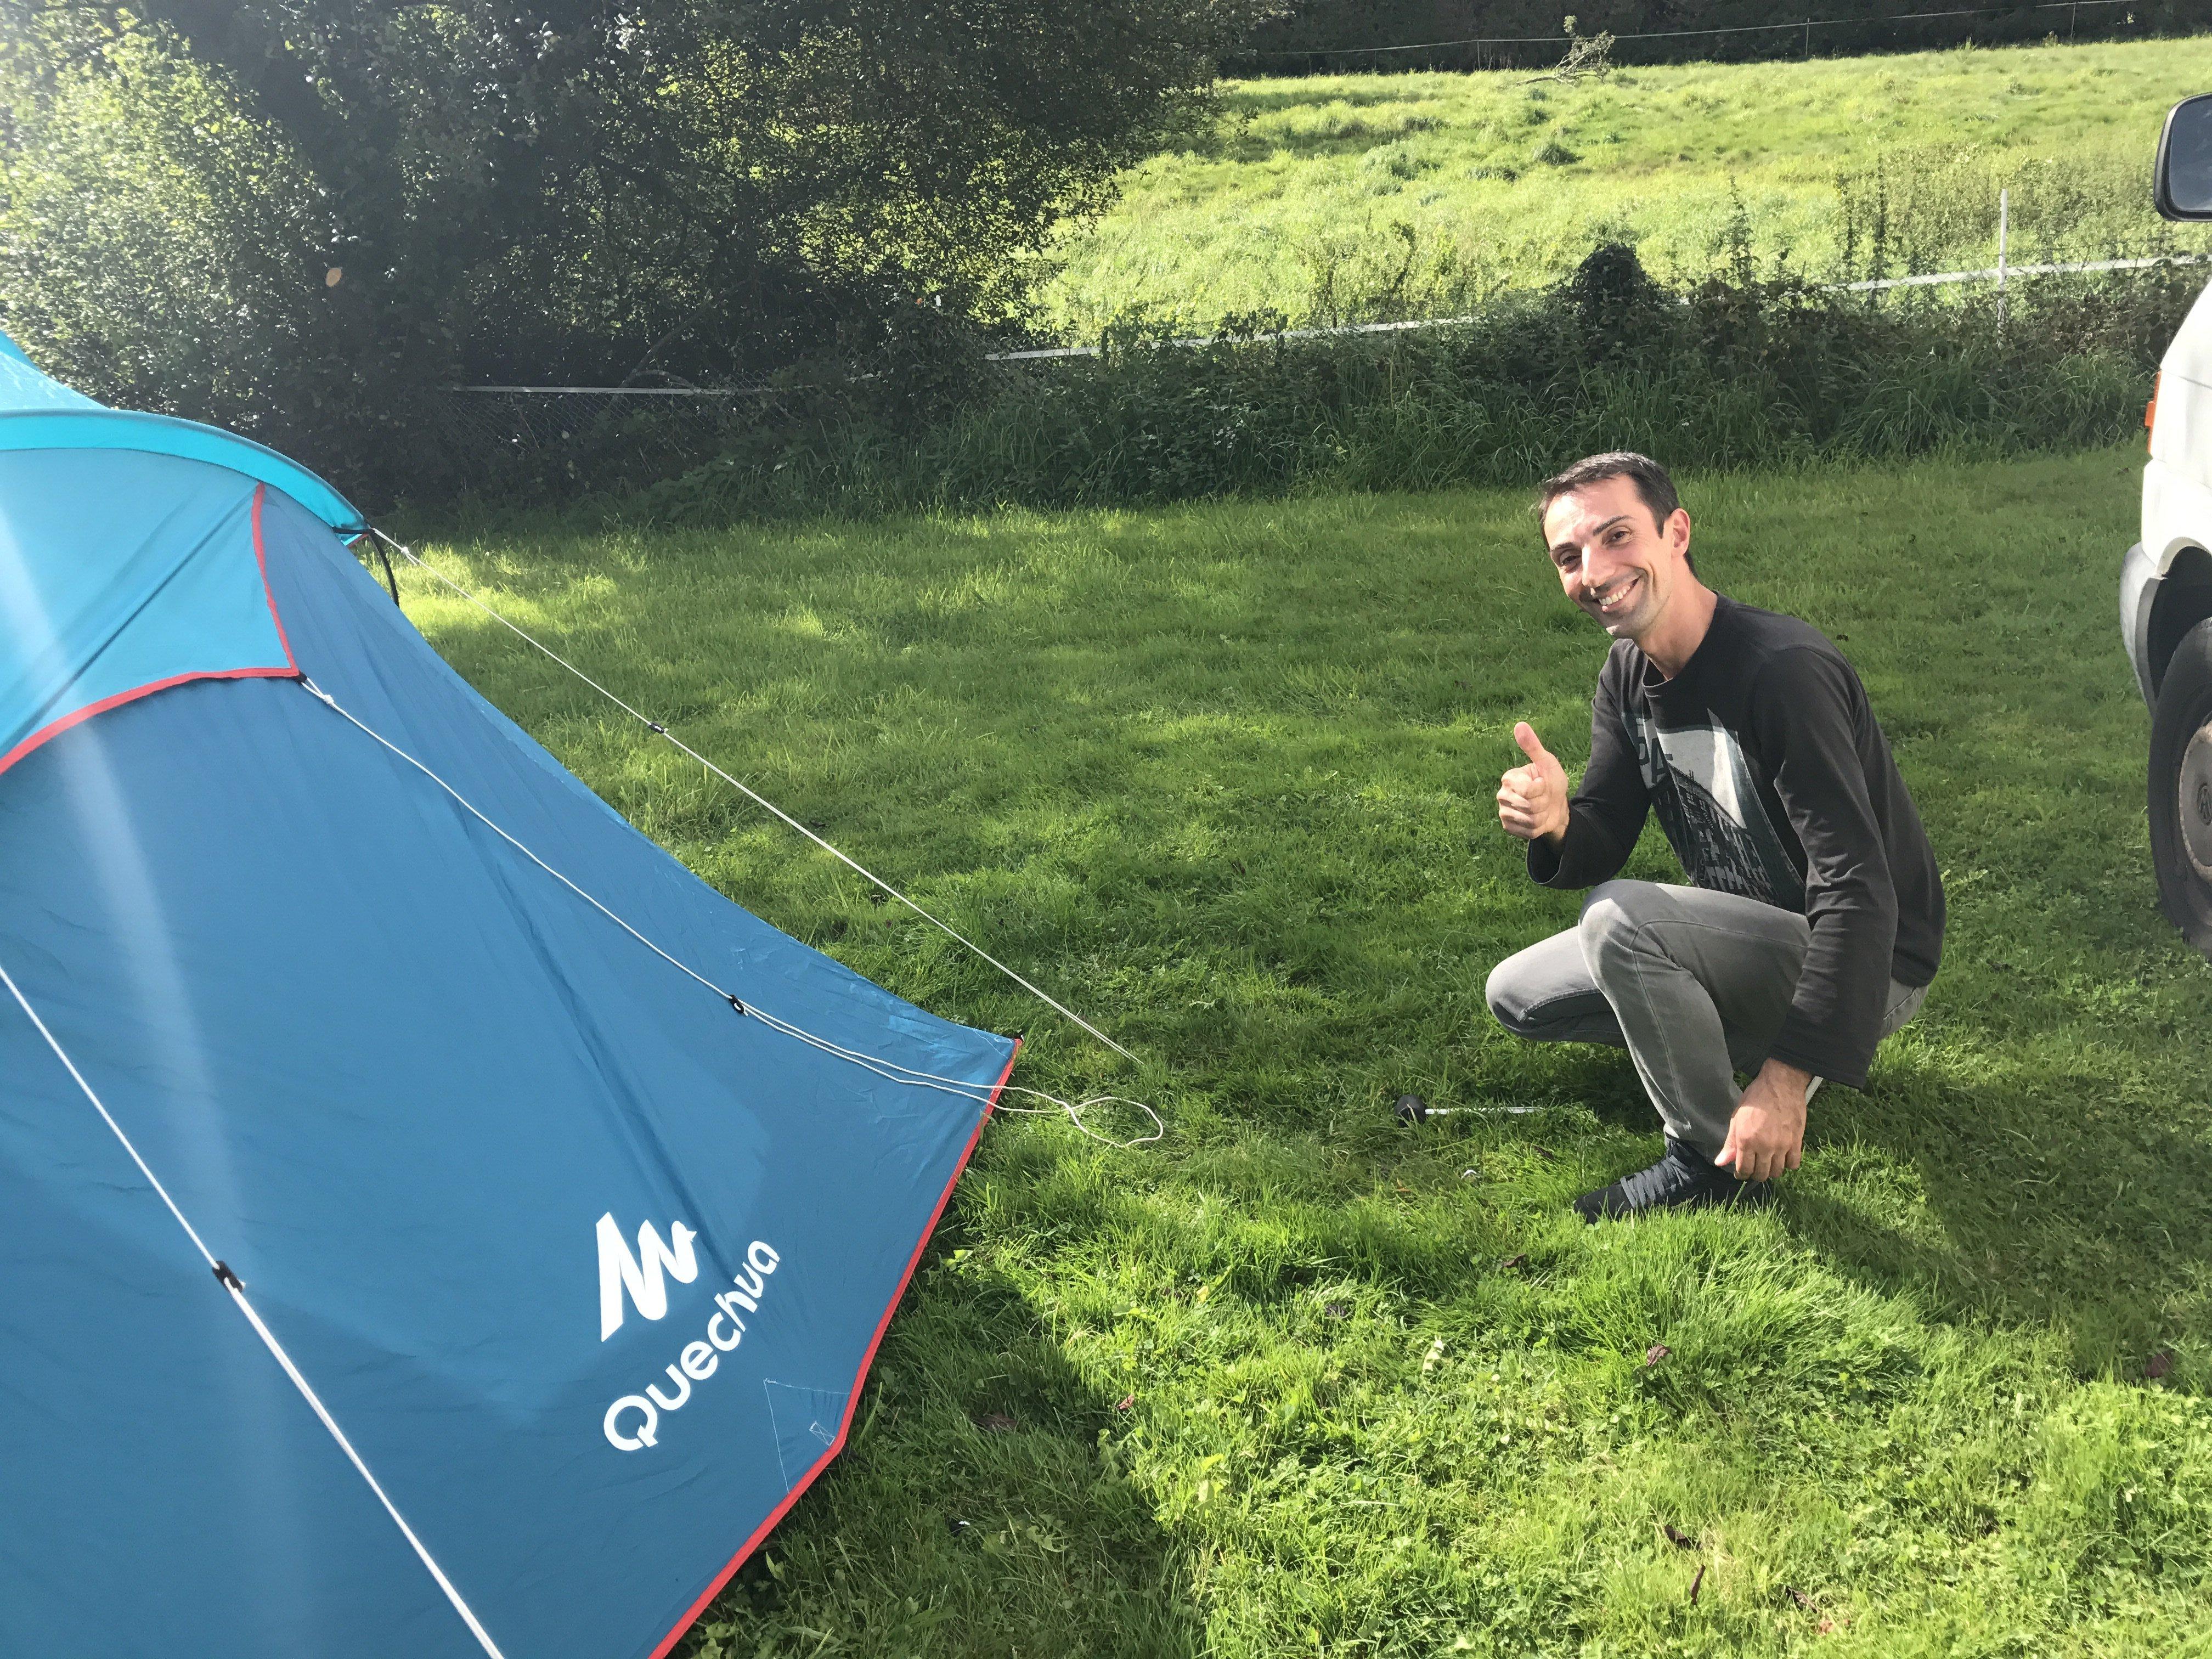 jose camping